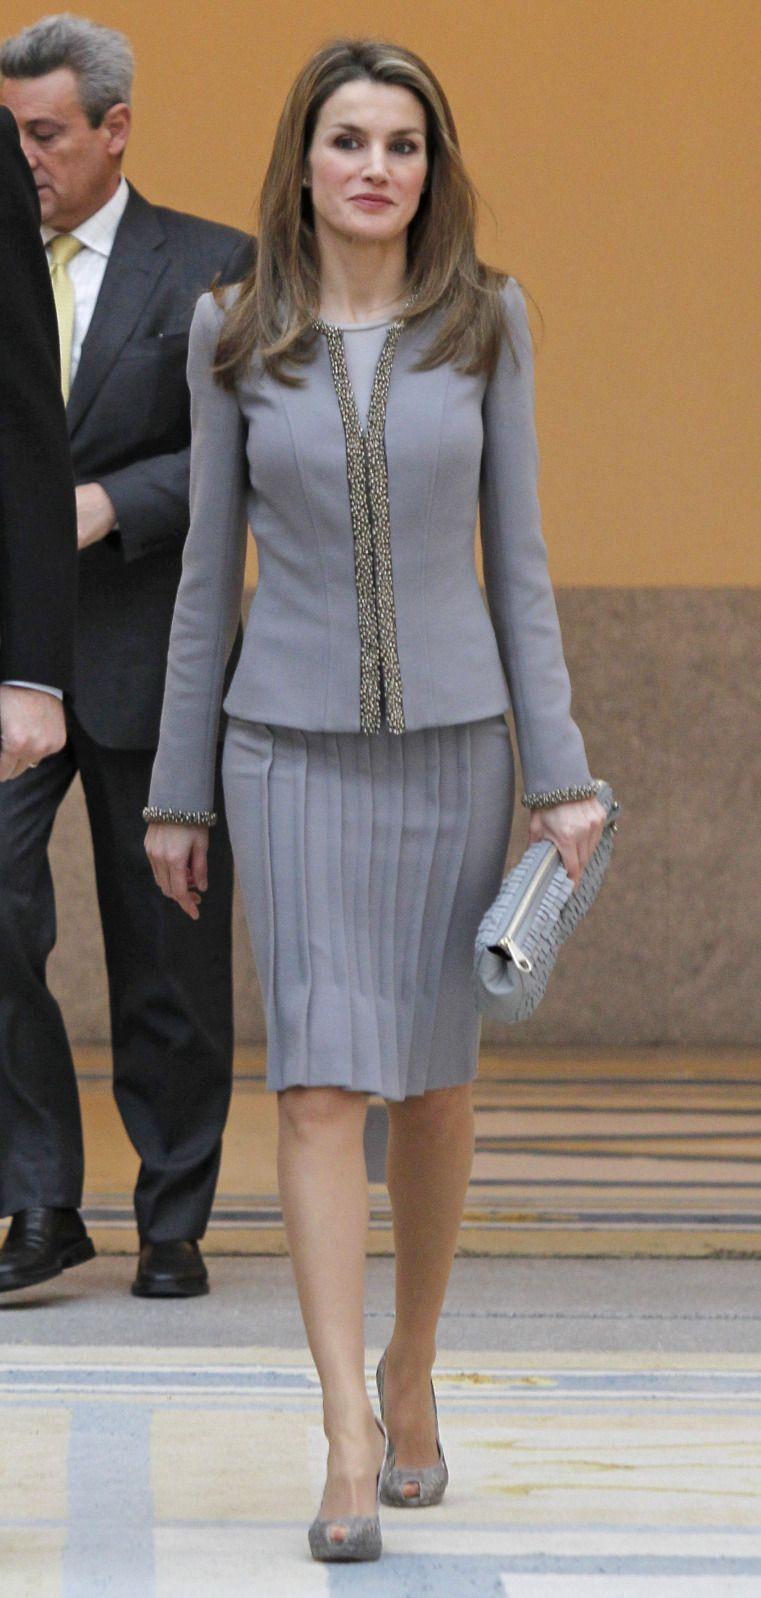 Doña Letizia, Príncesa de Asturias durante la entrega de los Premios Nacionales de Cultura de 2011 y 2012. Feb 2013.